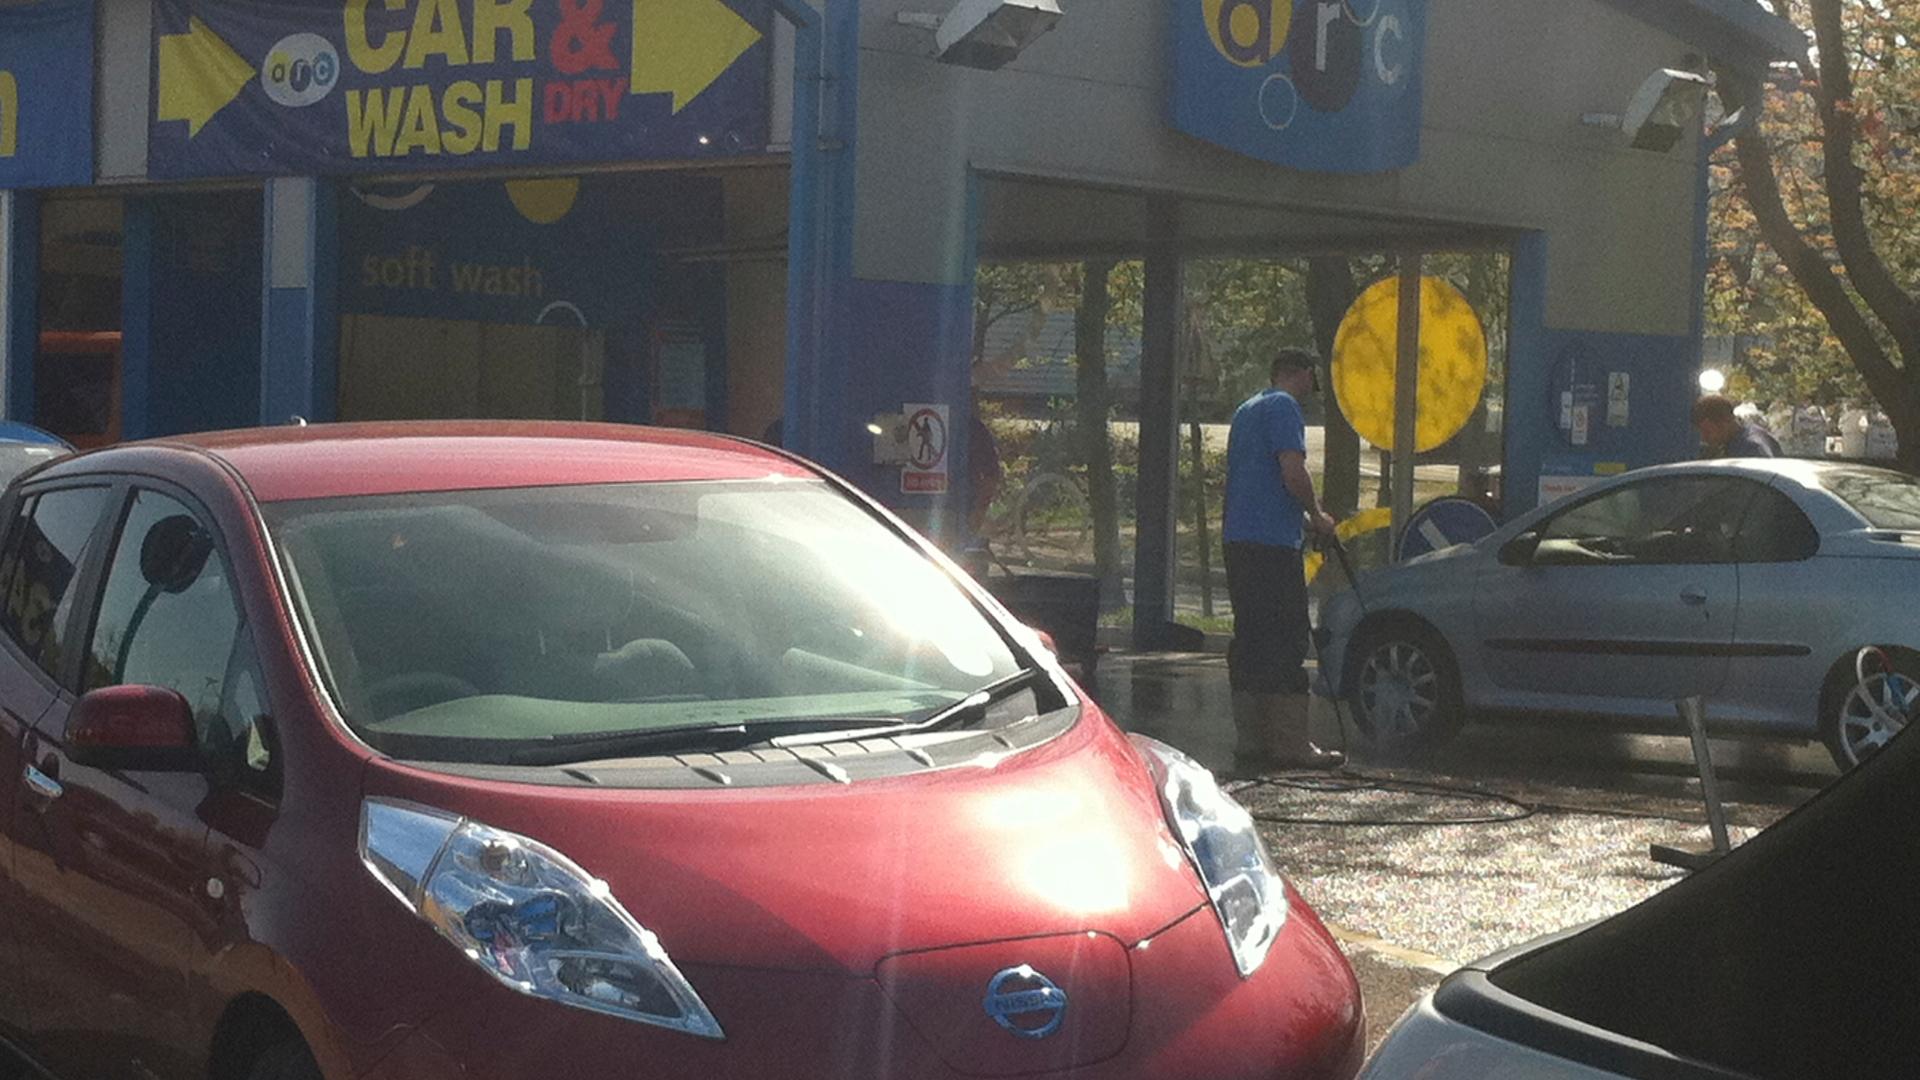 2011 Nissan Leaf in Car Wash